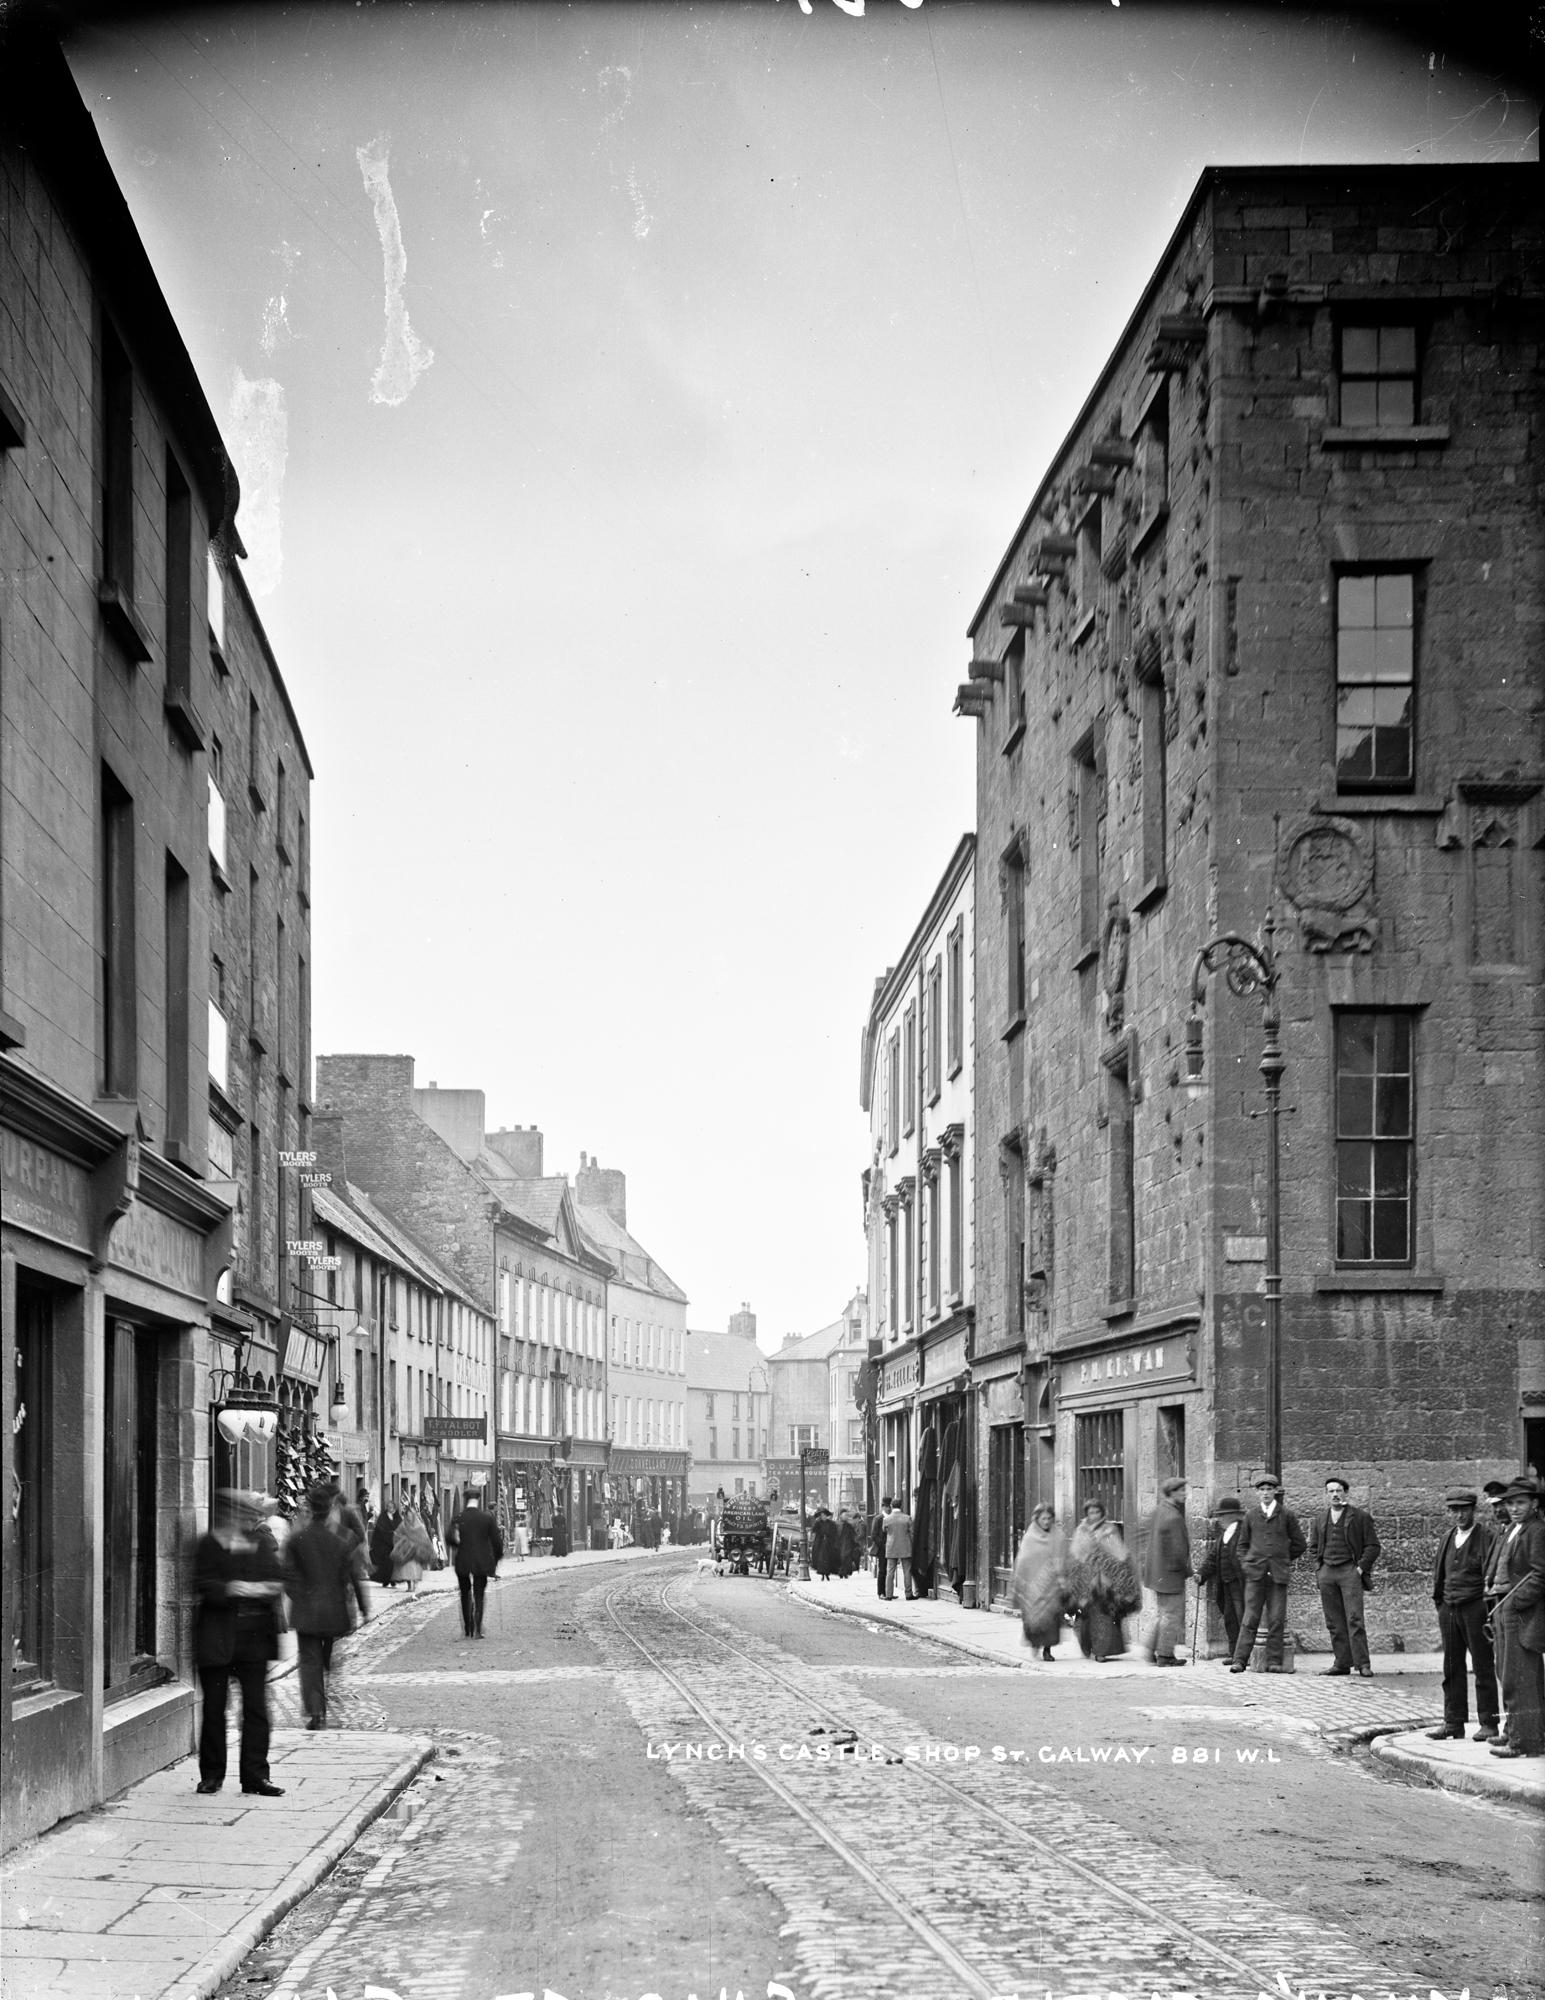 Lynchs Castle, Shop Street, Galway